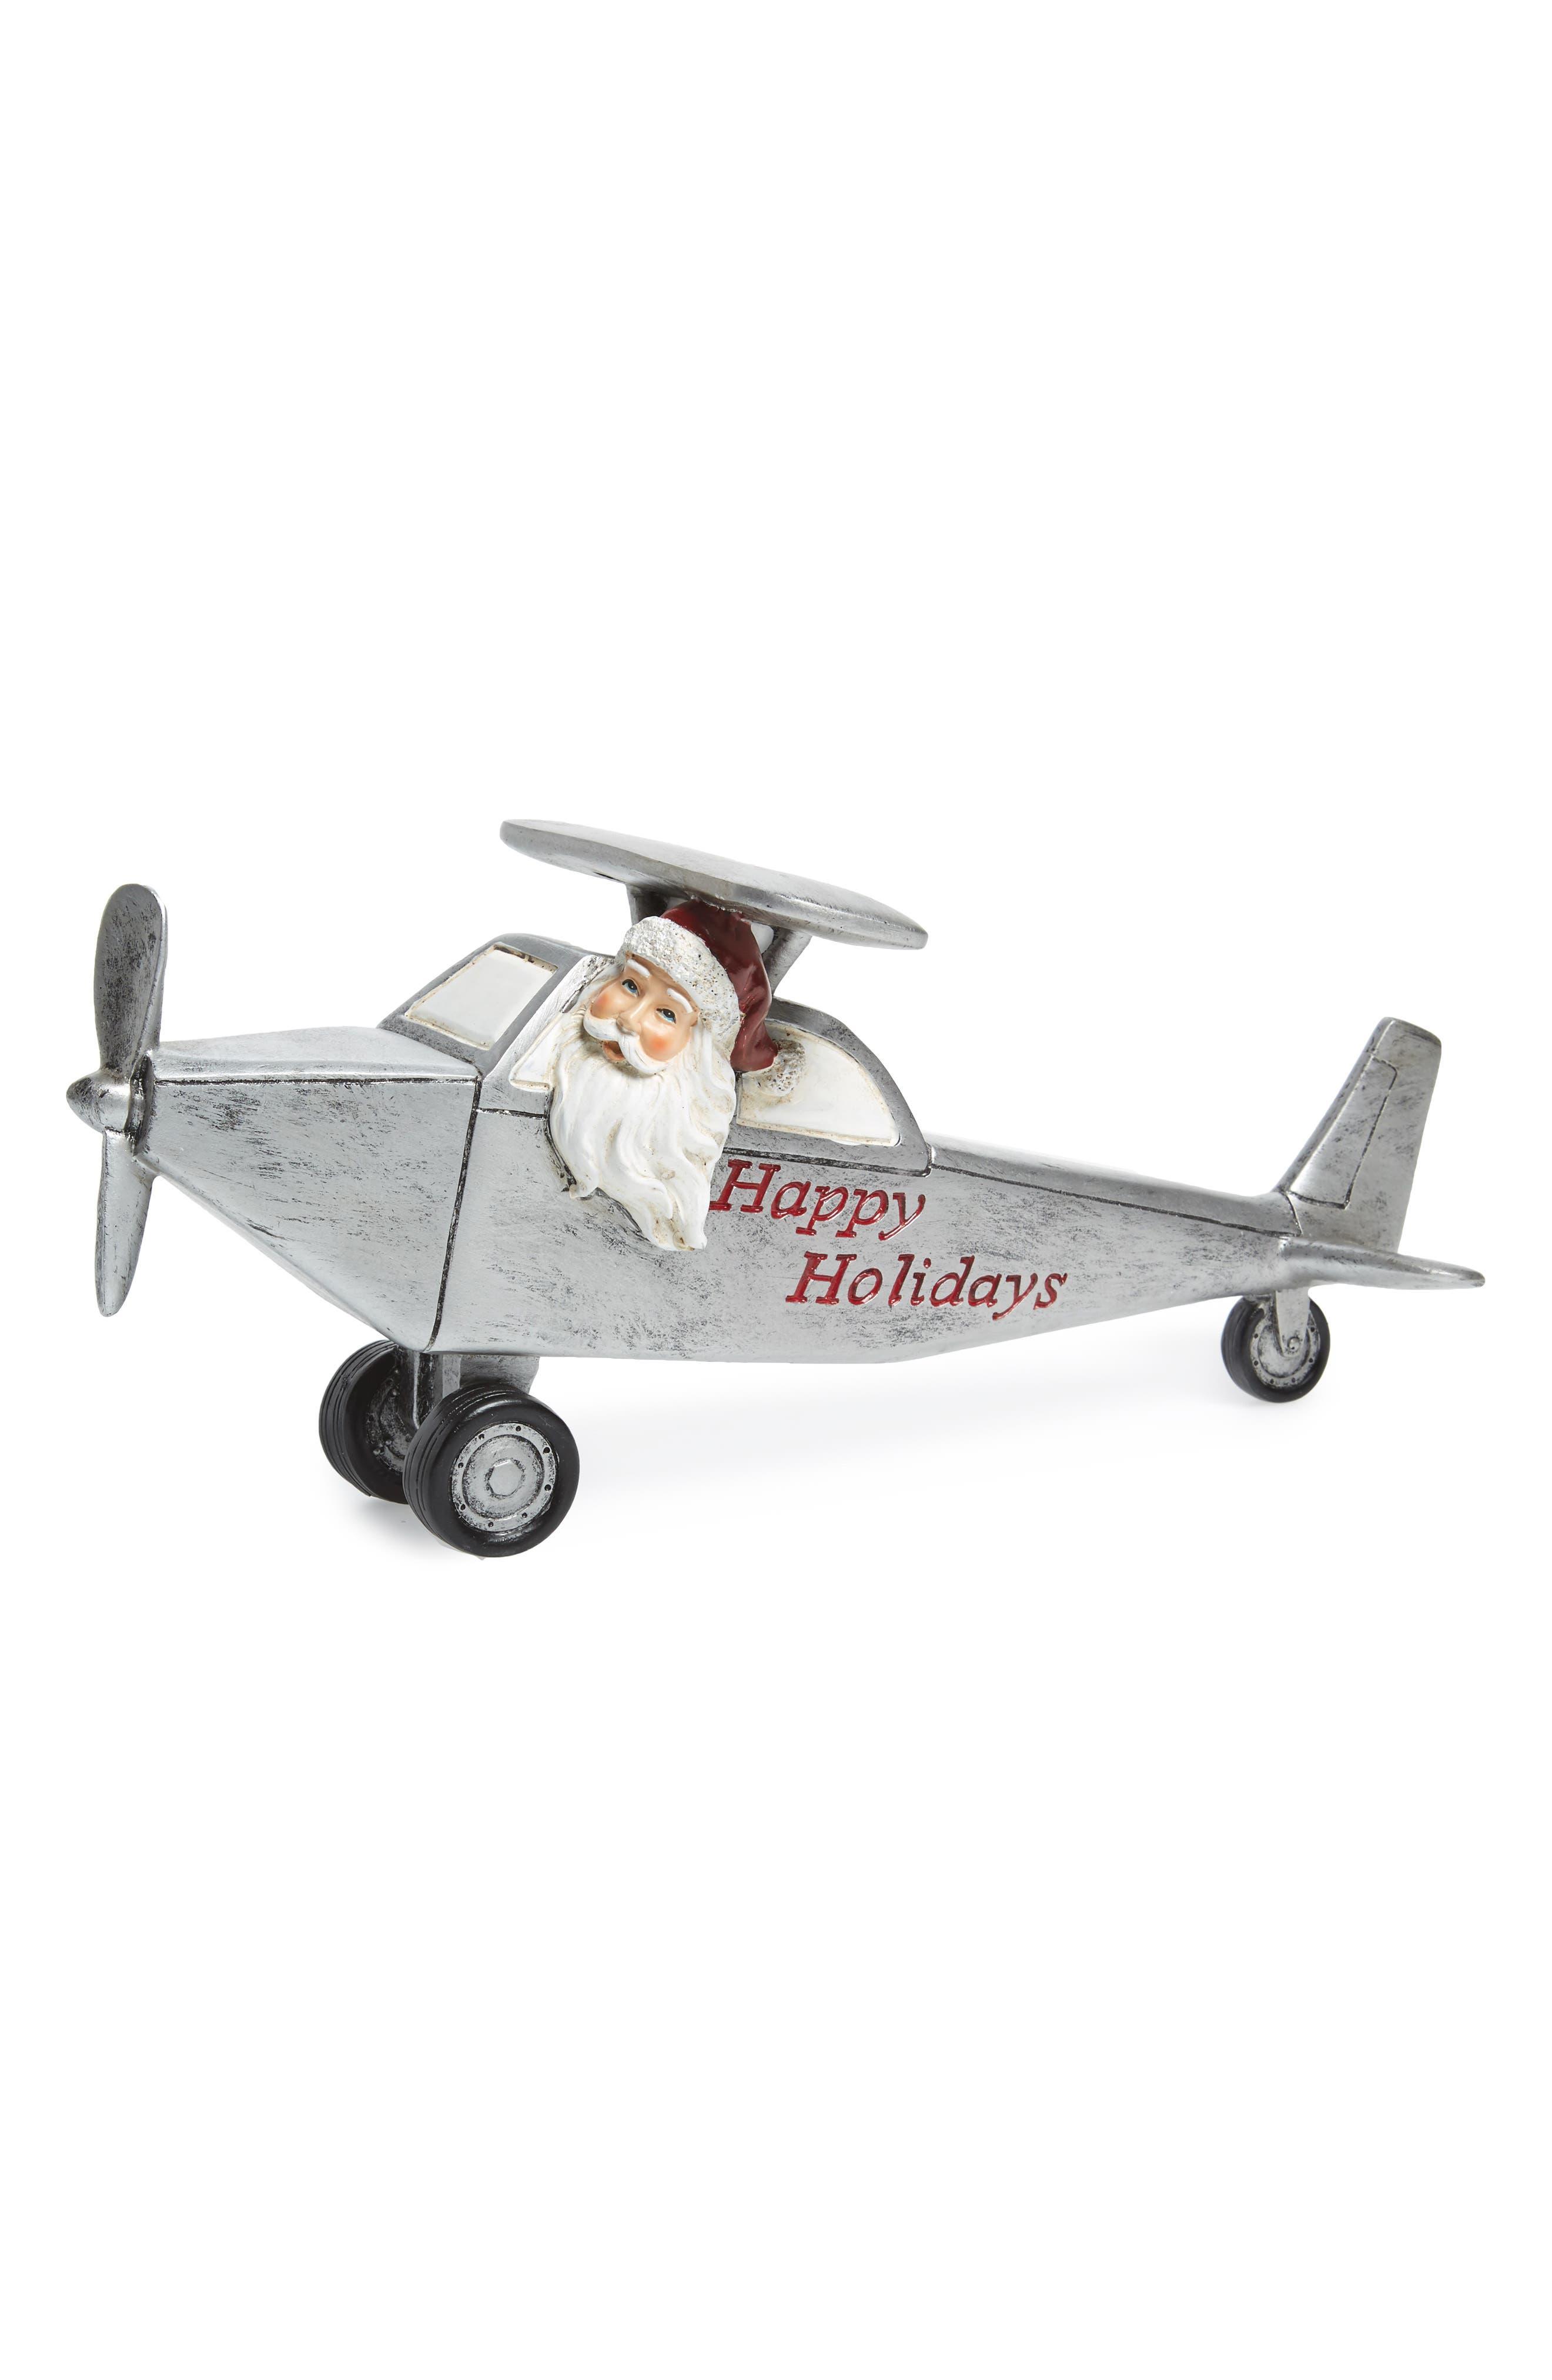 Santa Airplane Ornament,                             Main thumbnail 1, color,                             040